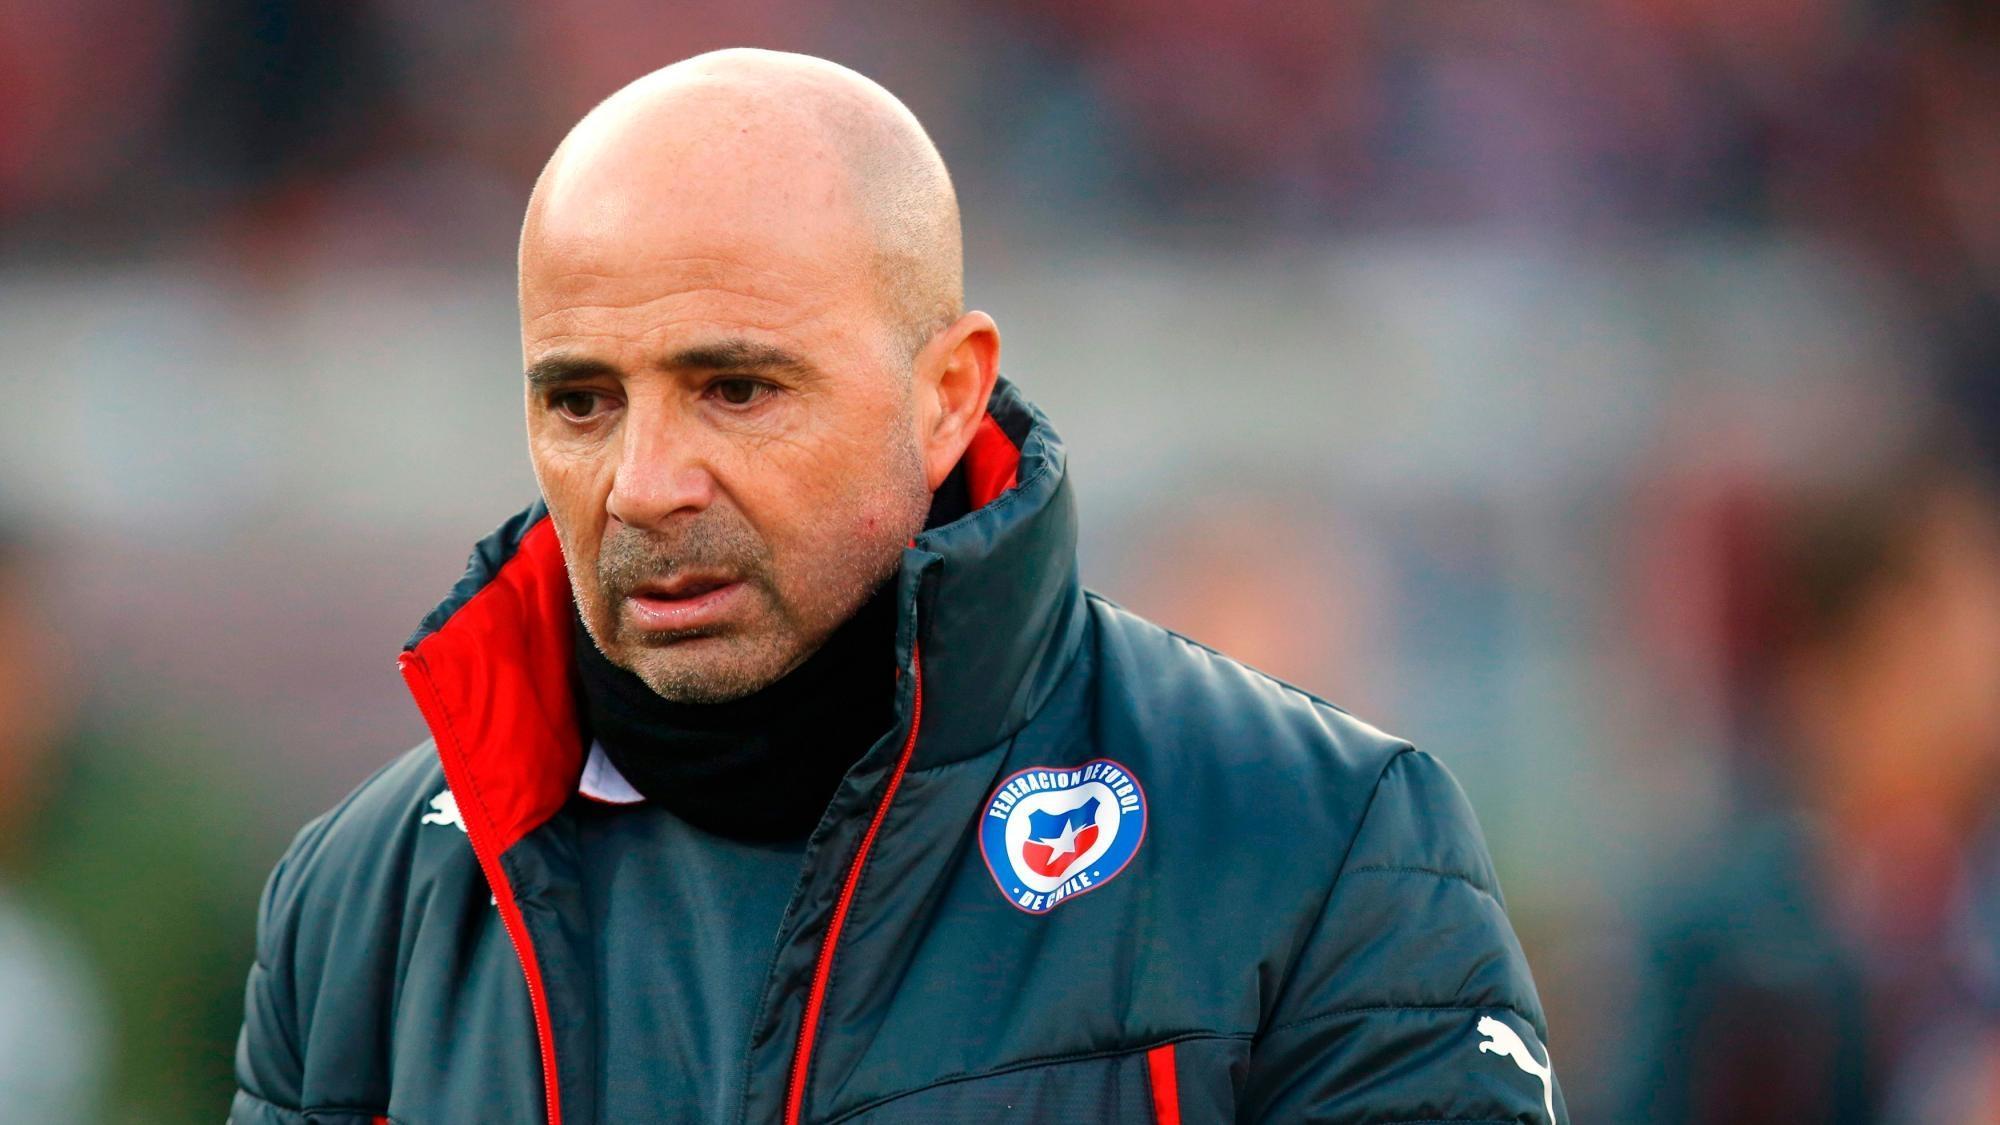 Главный тренер сборной Аргентины обвиняется в половых домогательствах